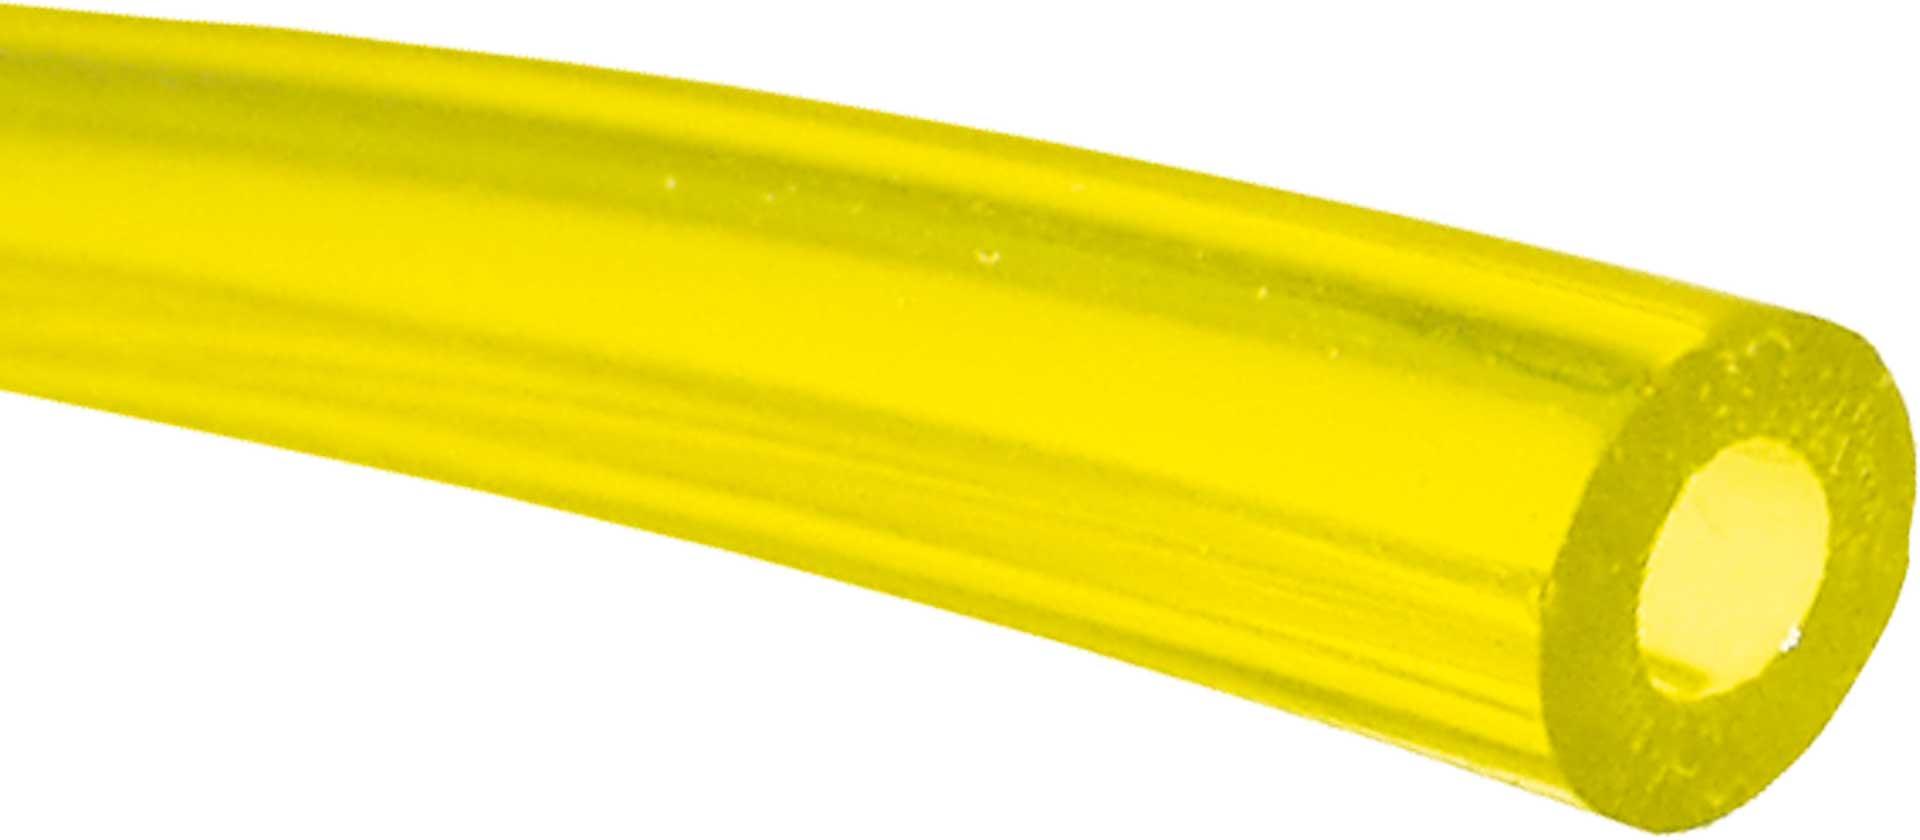 Robbe Modellsport TYGON © Benzinschlauch 4,8/8mm 2 Meter